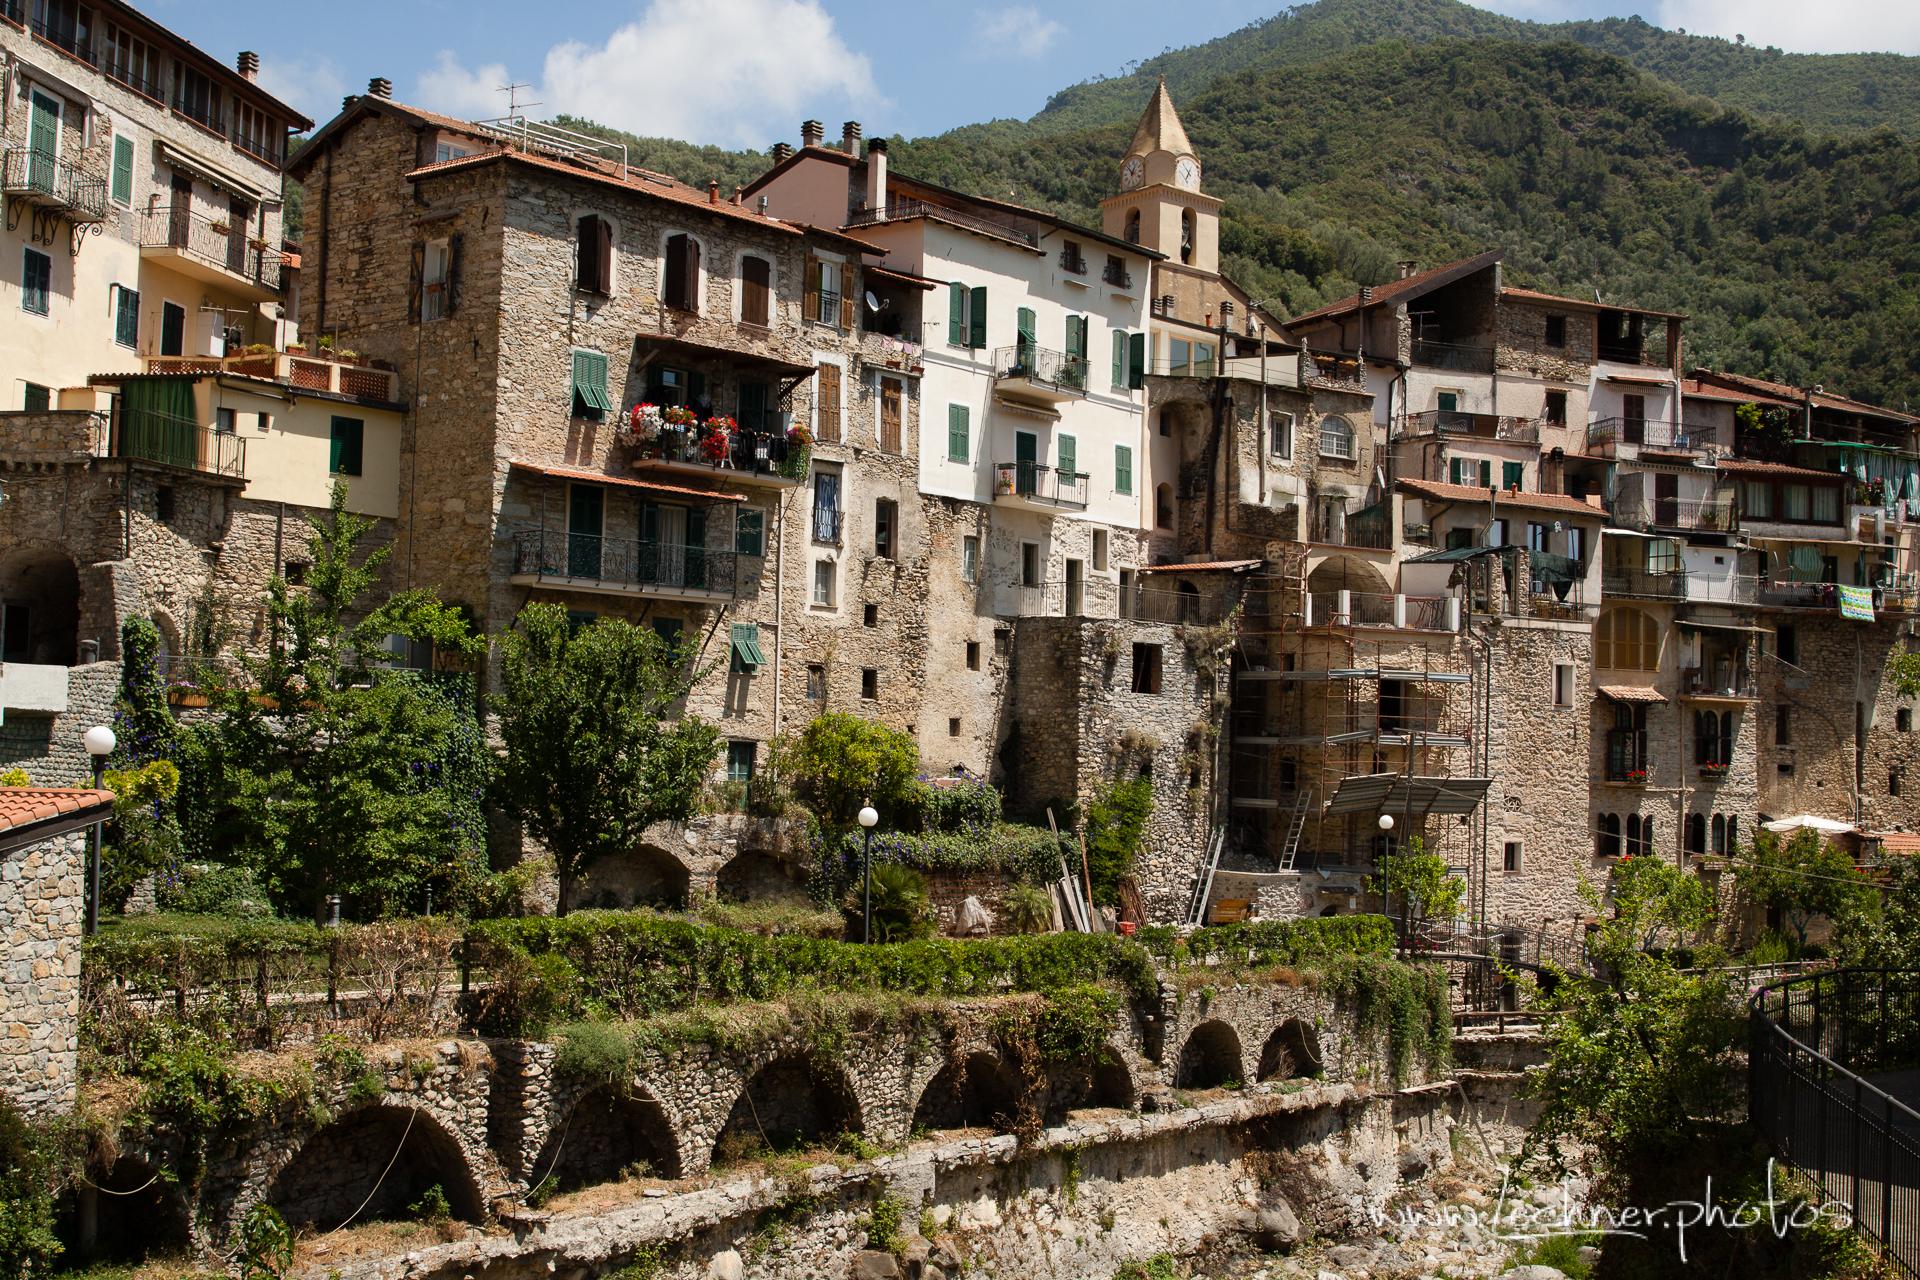 Ancient village Rocchetta Nervina, Italy